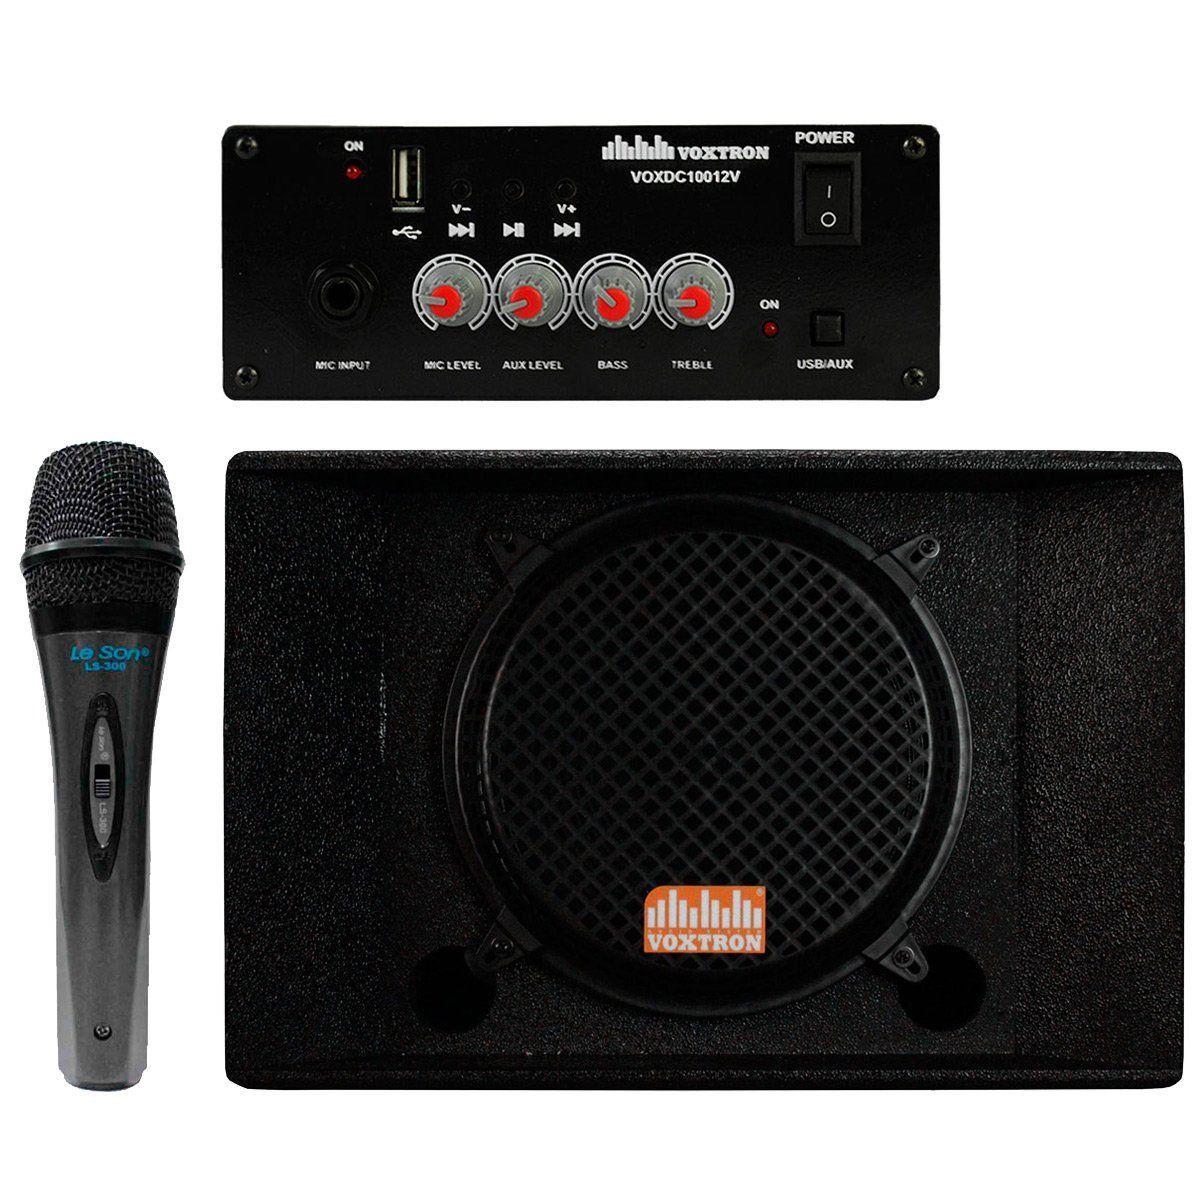 Caixa Quadrilatera Voxtron Kit 4 Falantes 12 Polegadas 200W + Amplificador  + Microfone - VENDAS RAPIDAS ... 569f2021762